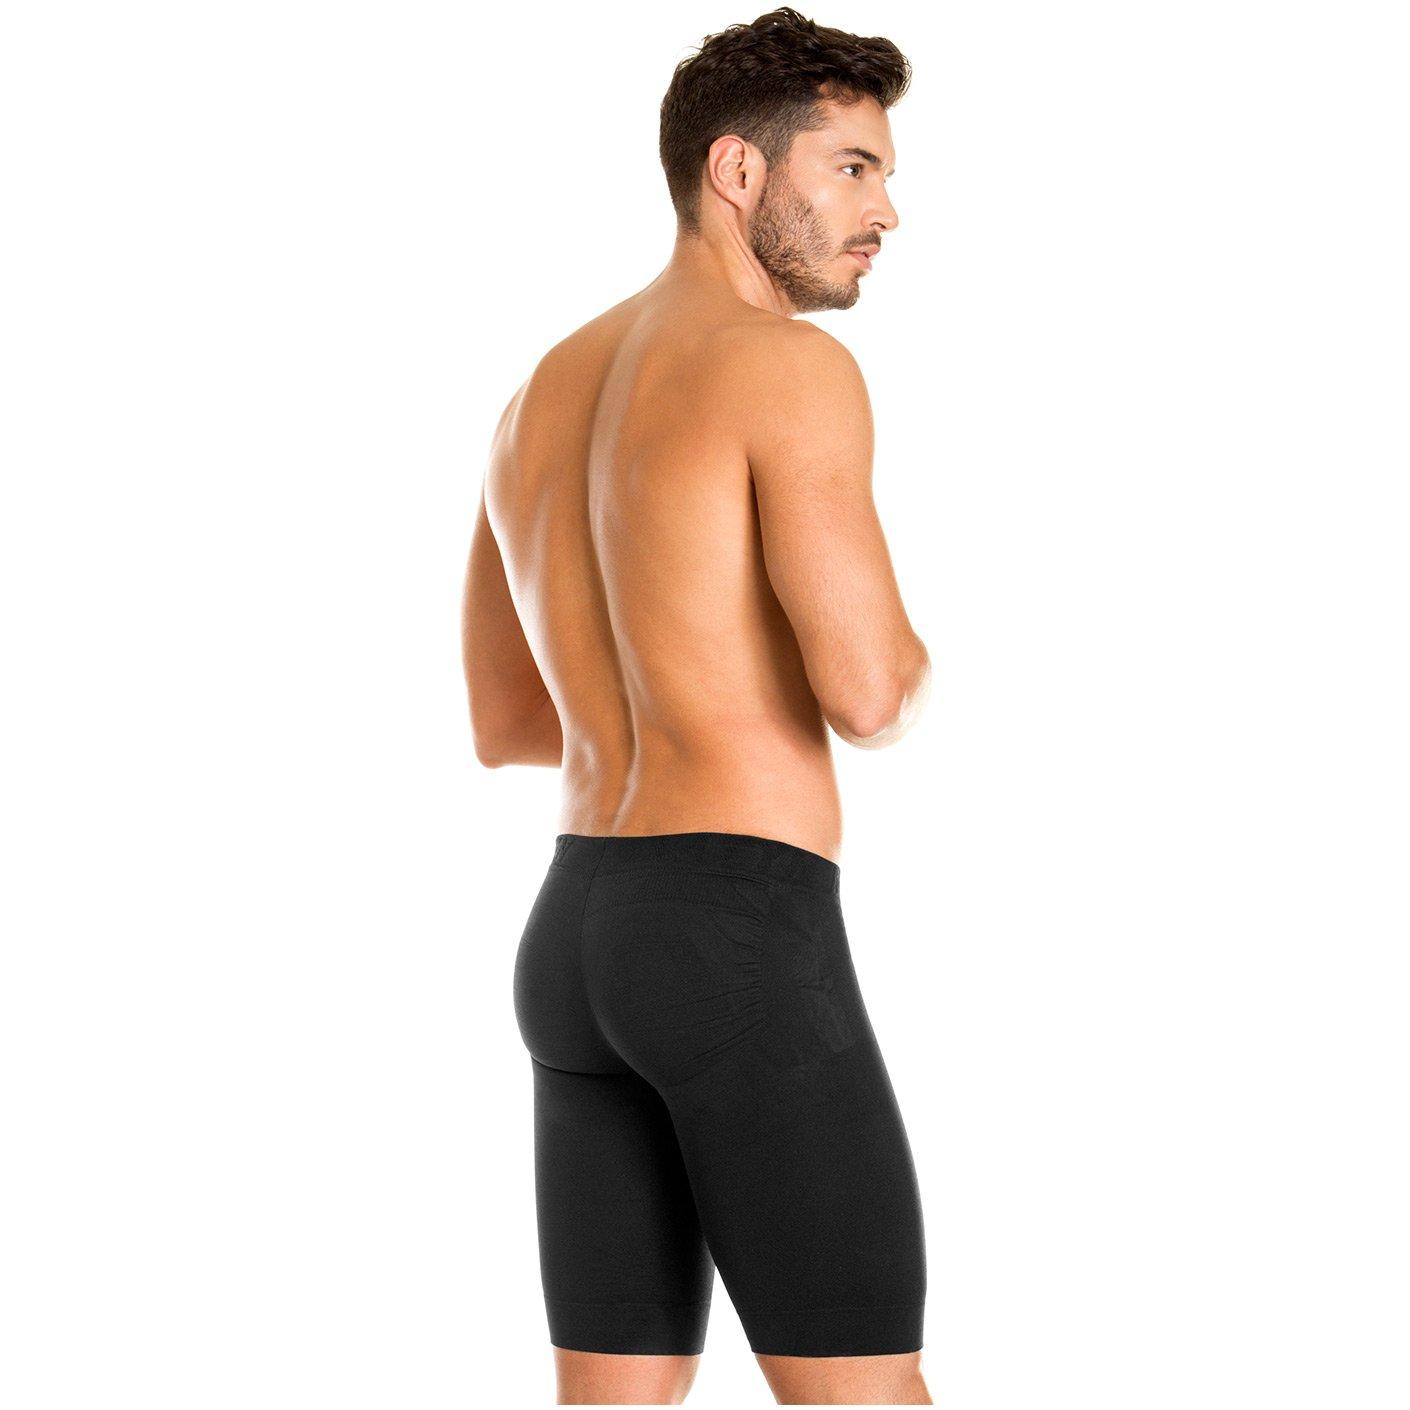 Amazon.com: Laty Rose 22996 Long Boxer Briefs Butt Lifter for Men Ropa Interior de Hombre: Clothing